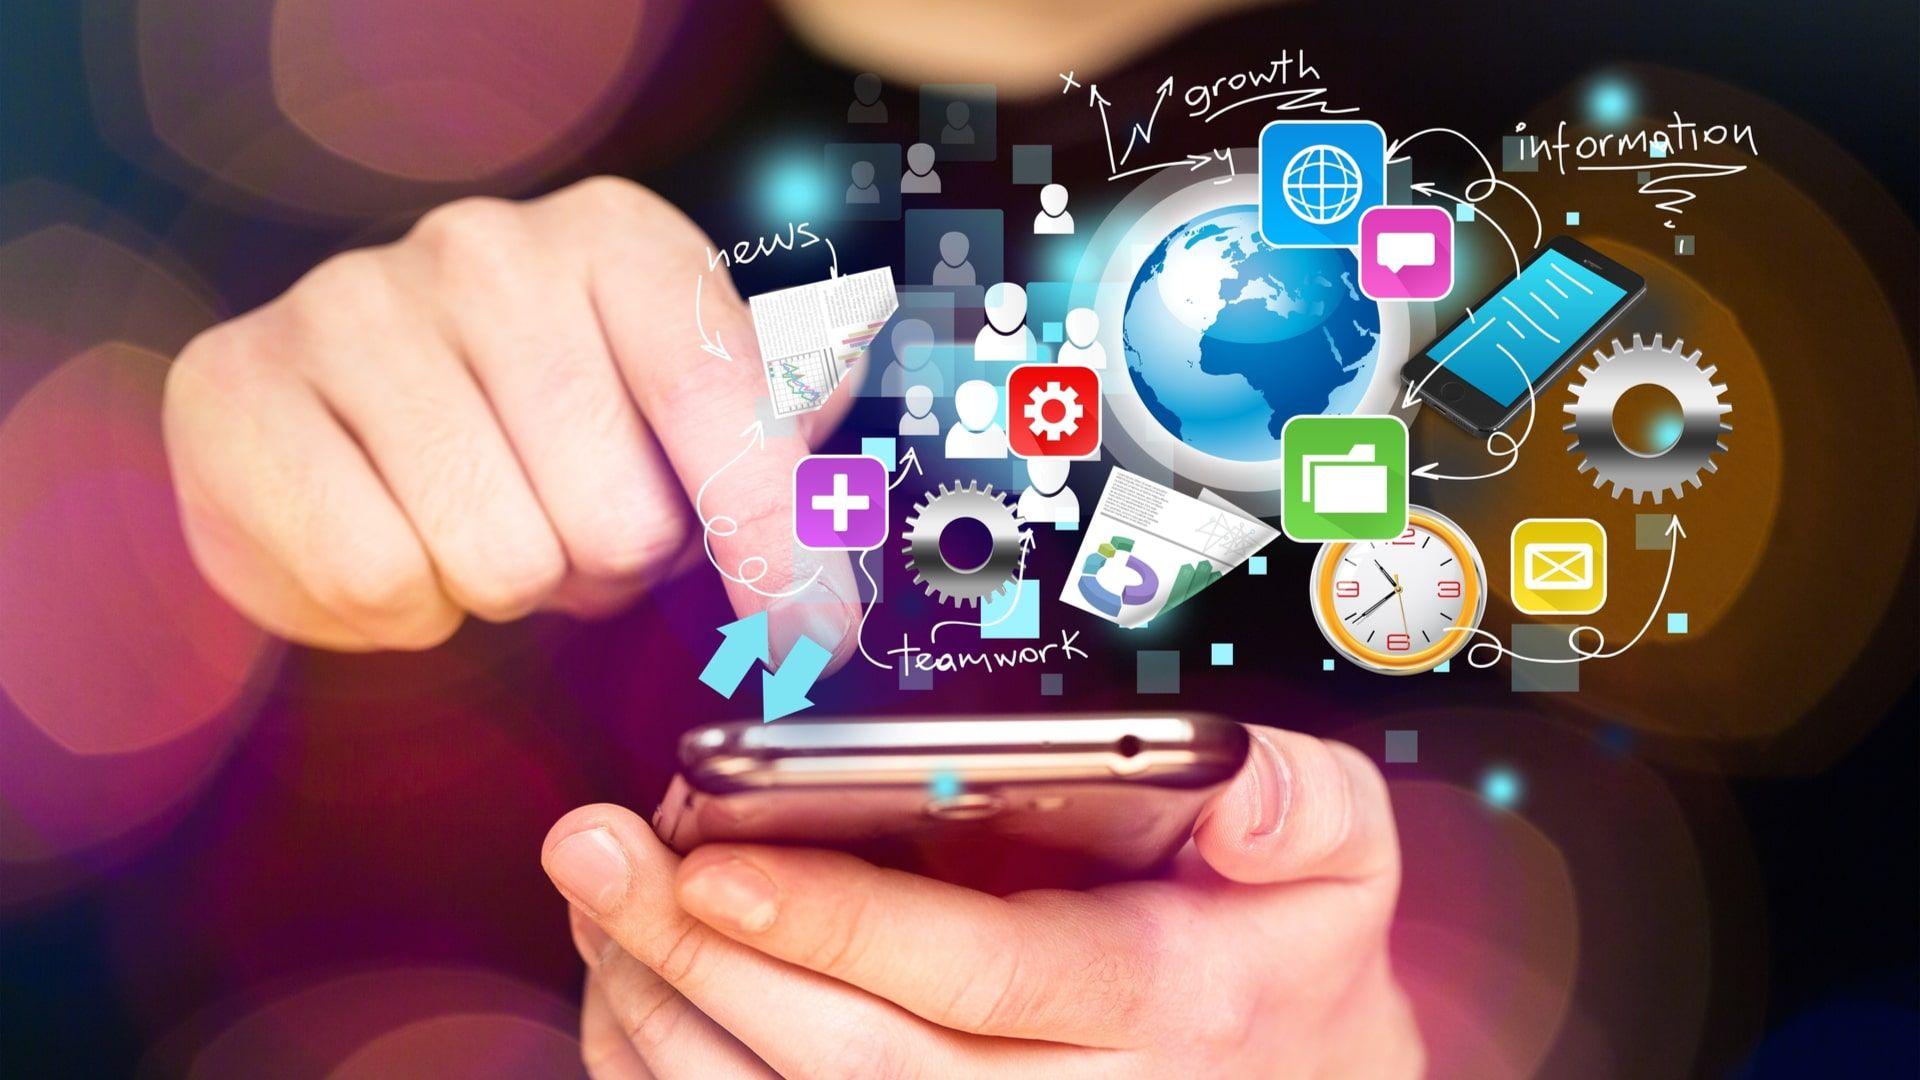 Memória RAM é responsável por carregar blocos de arquivos para executar ações no celular (Foto: Shutterstock)